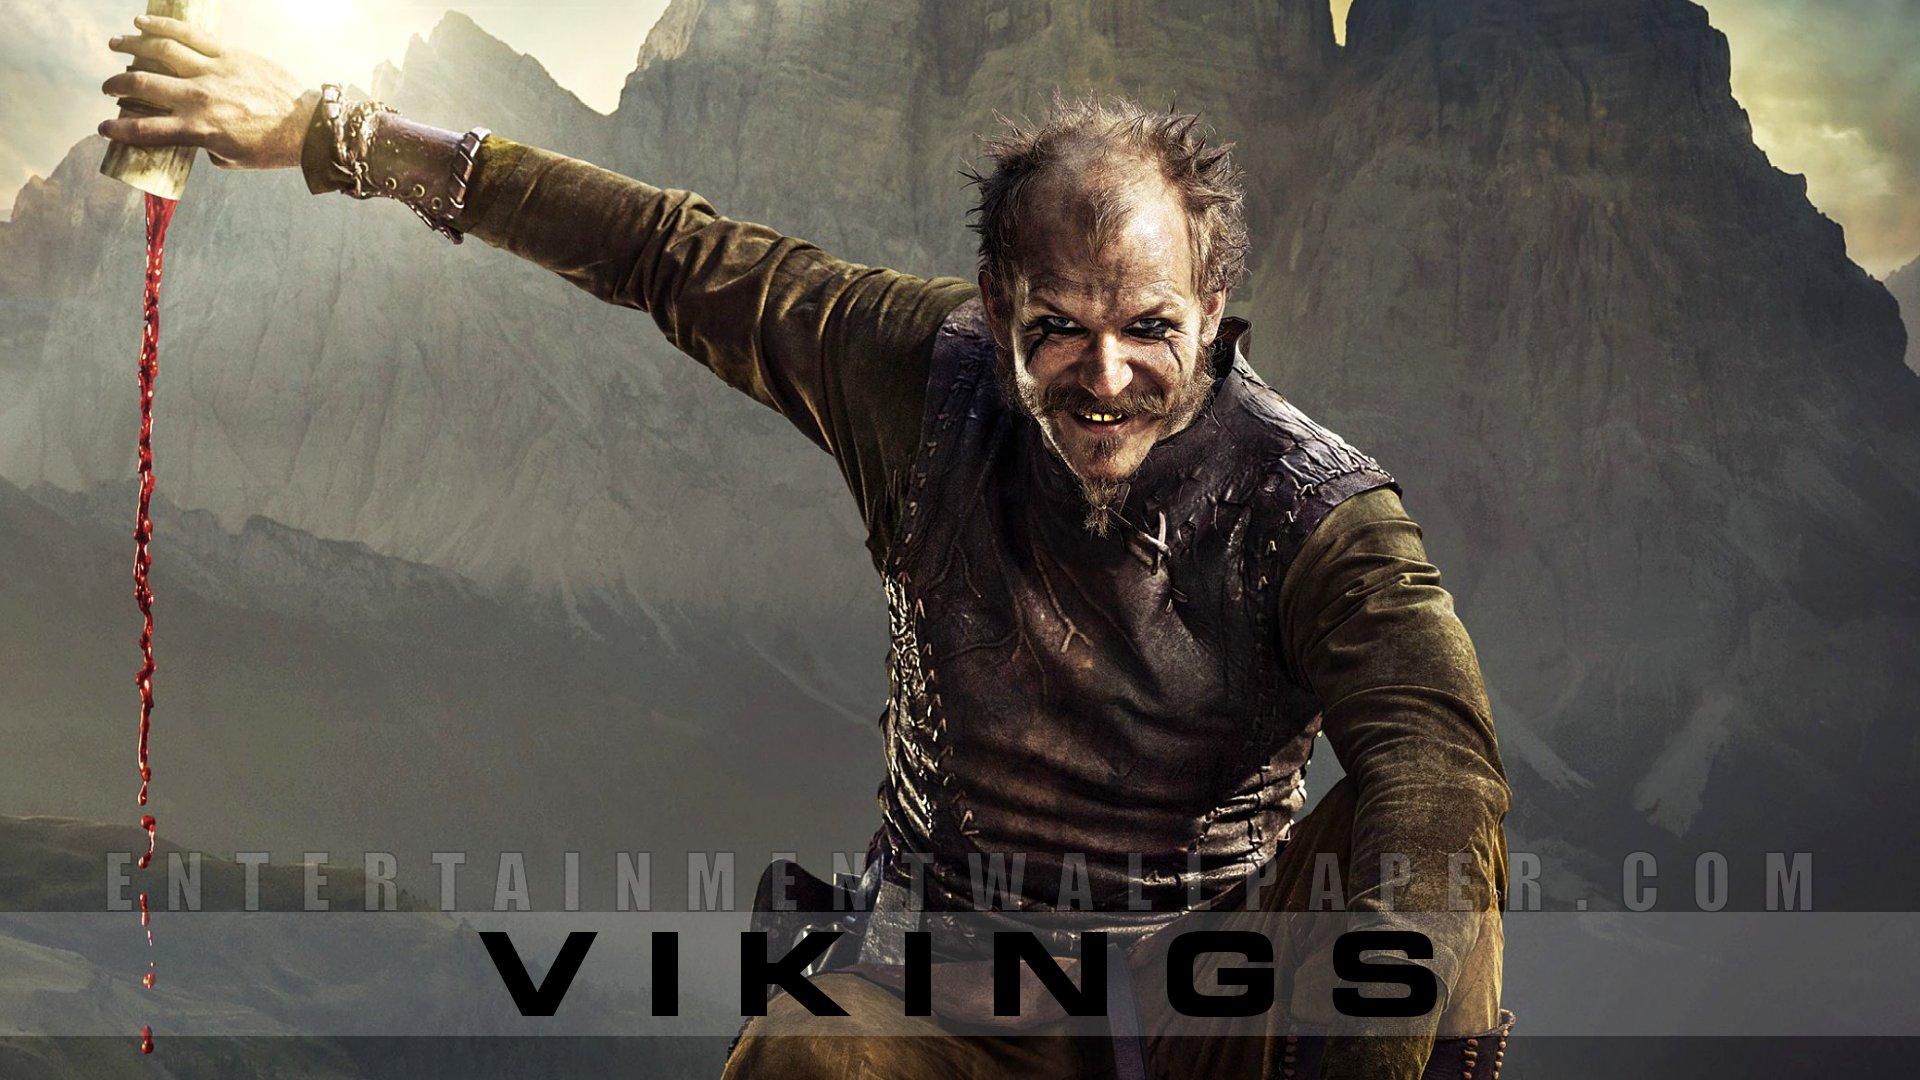 Vikings Wallpaper